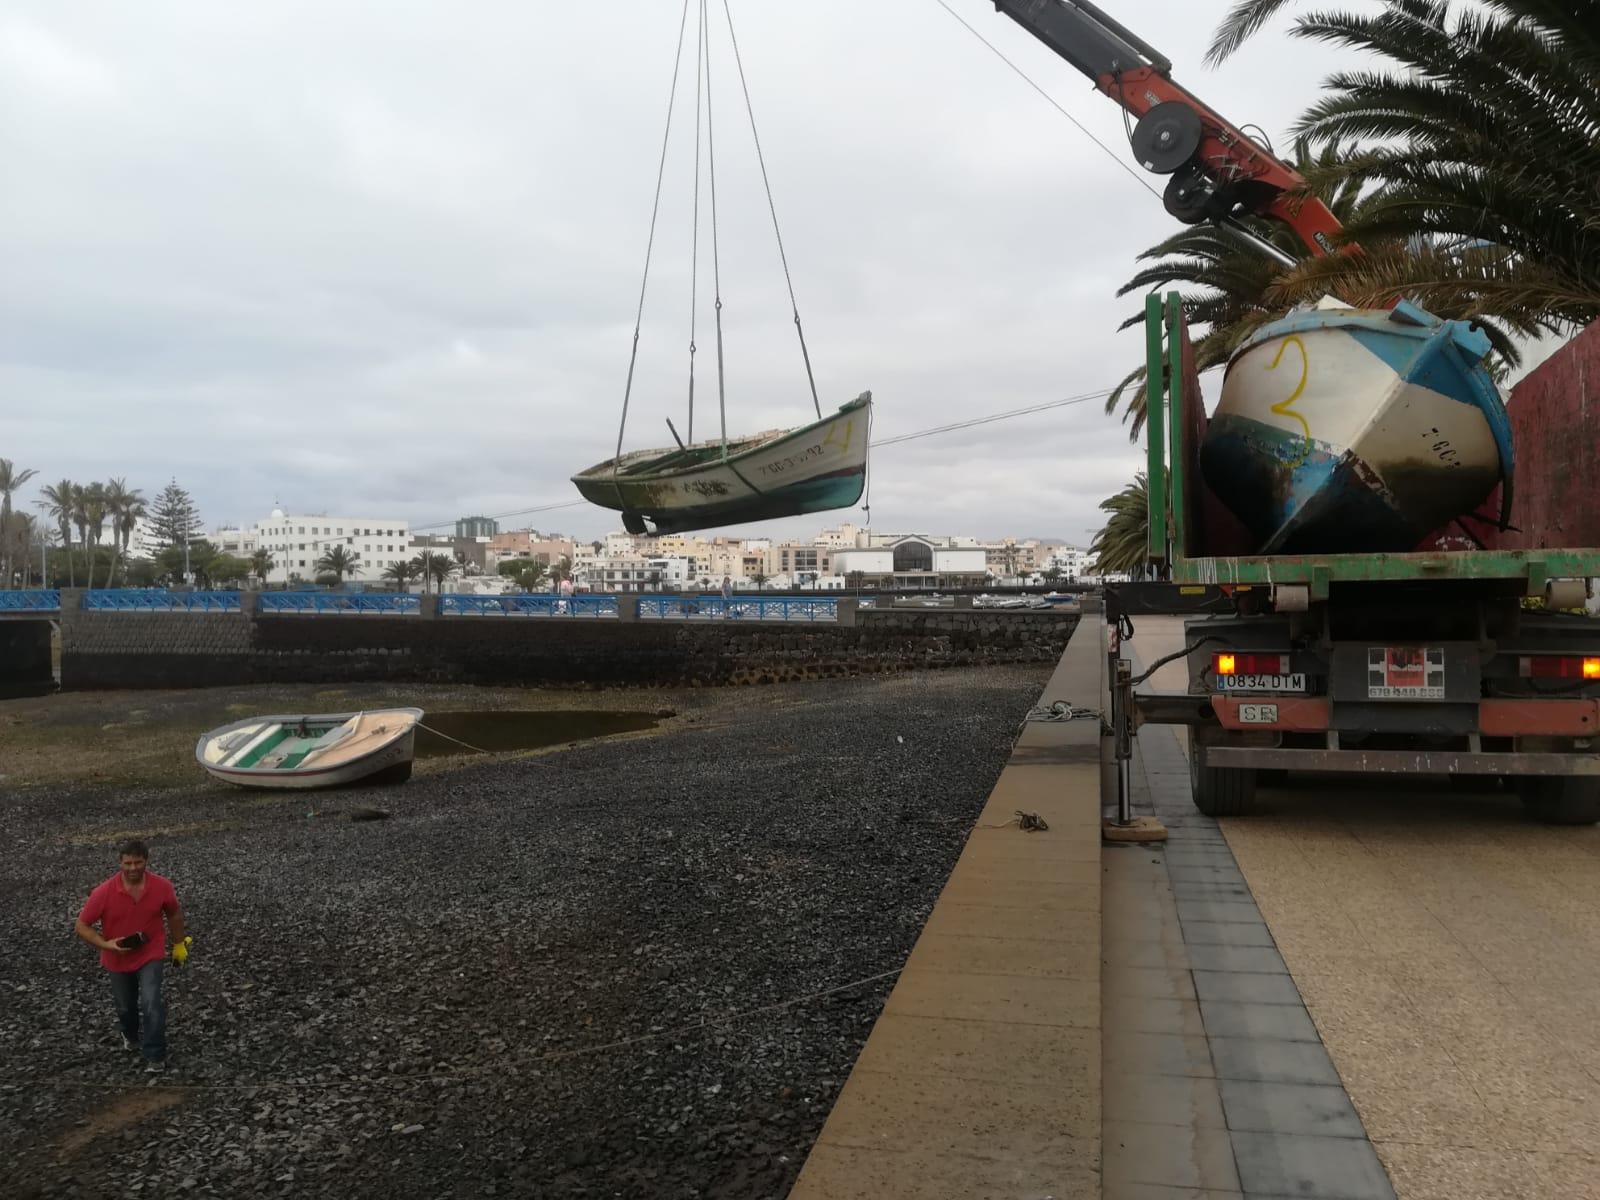 El Ayuntamiento de Arrecife retira embarcaciones abandonadas del Charco de San Ginés